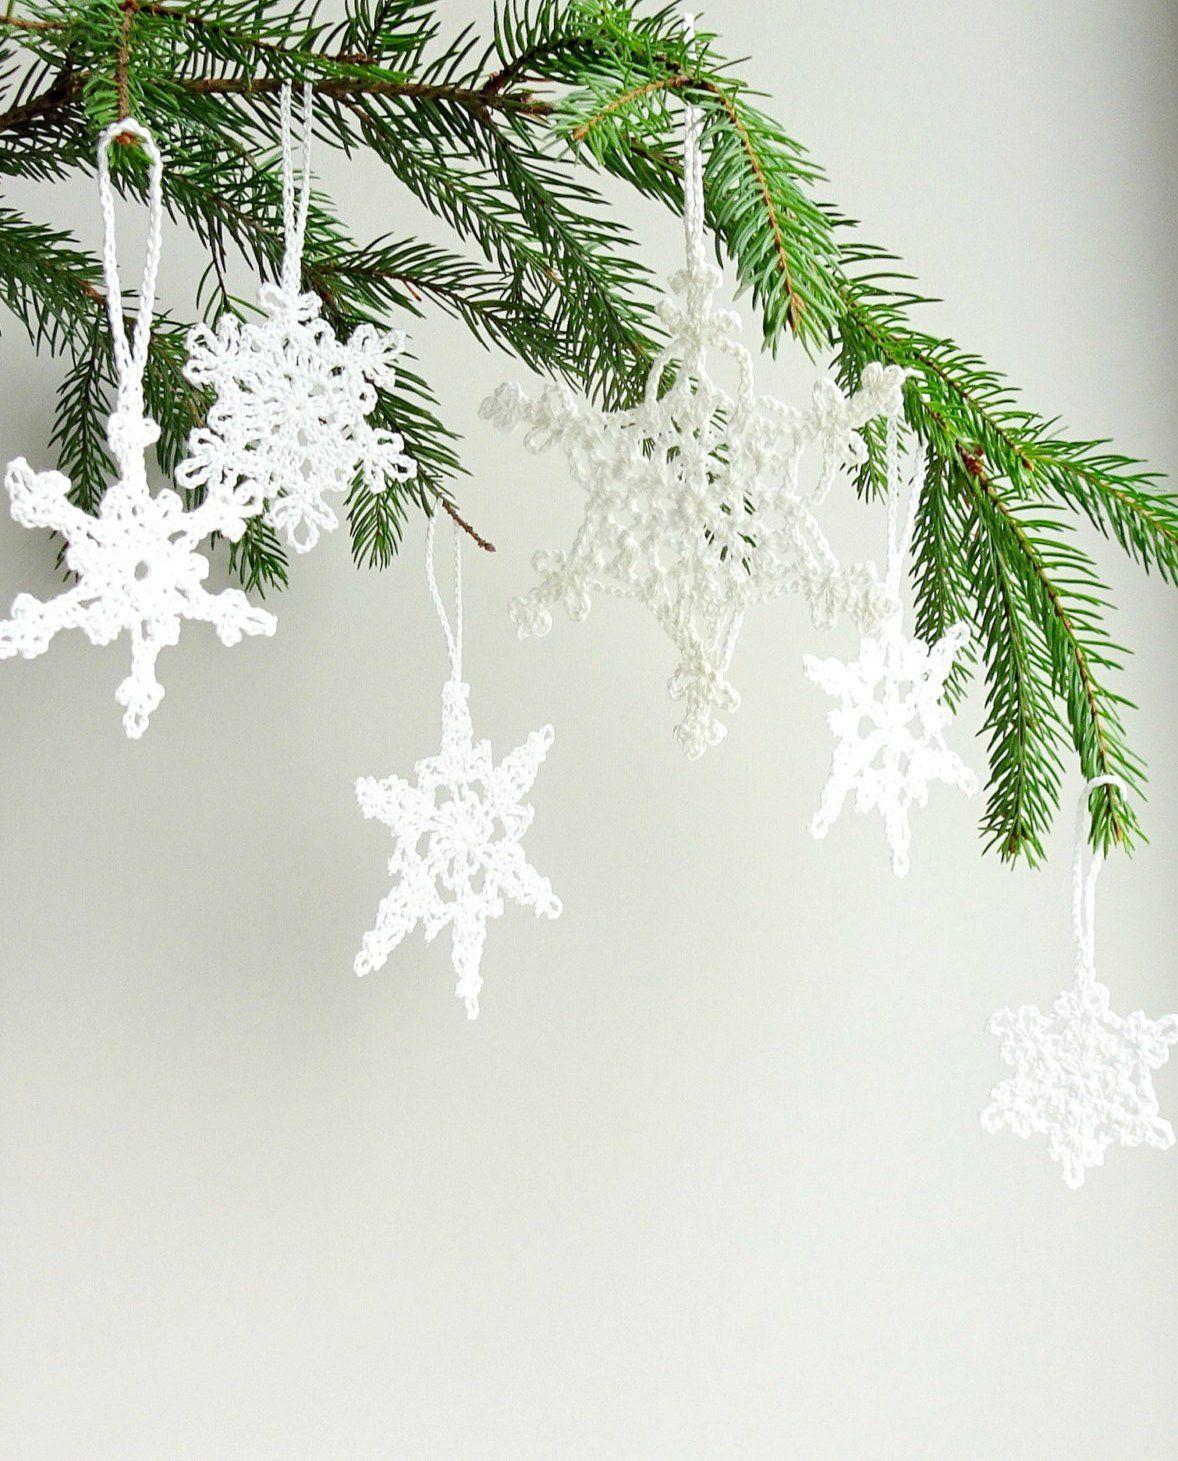 Compre Adornos De Árbol De Navidad Decoraciones De Copos De Nieve ...